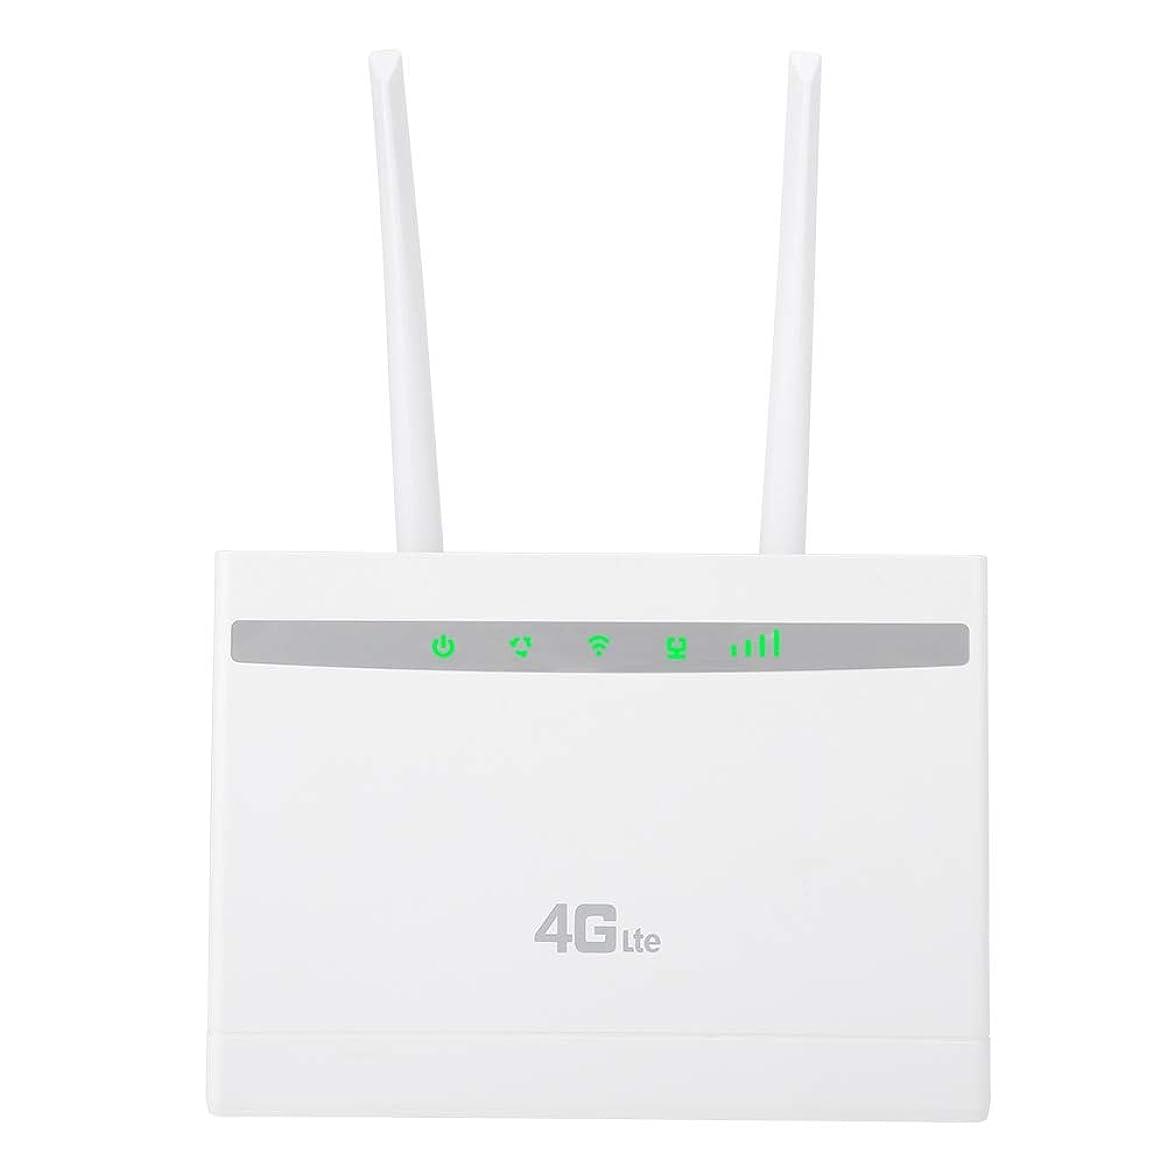 計算する肘掛け椅子肥料Richer-R 300Mbps 4G CPEルーター/アクセスポイント/リピータ 無線 WiFi ルーター 高速データ伝送 ワイヤレスCPEブリッジ IPV4 / IPV6大型WiFi範囲無線ルーター(us)